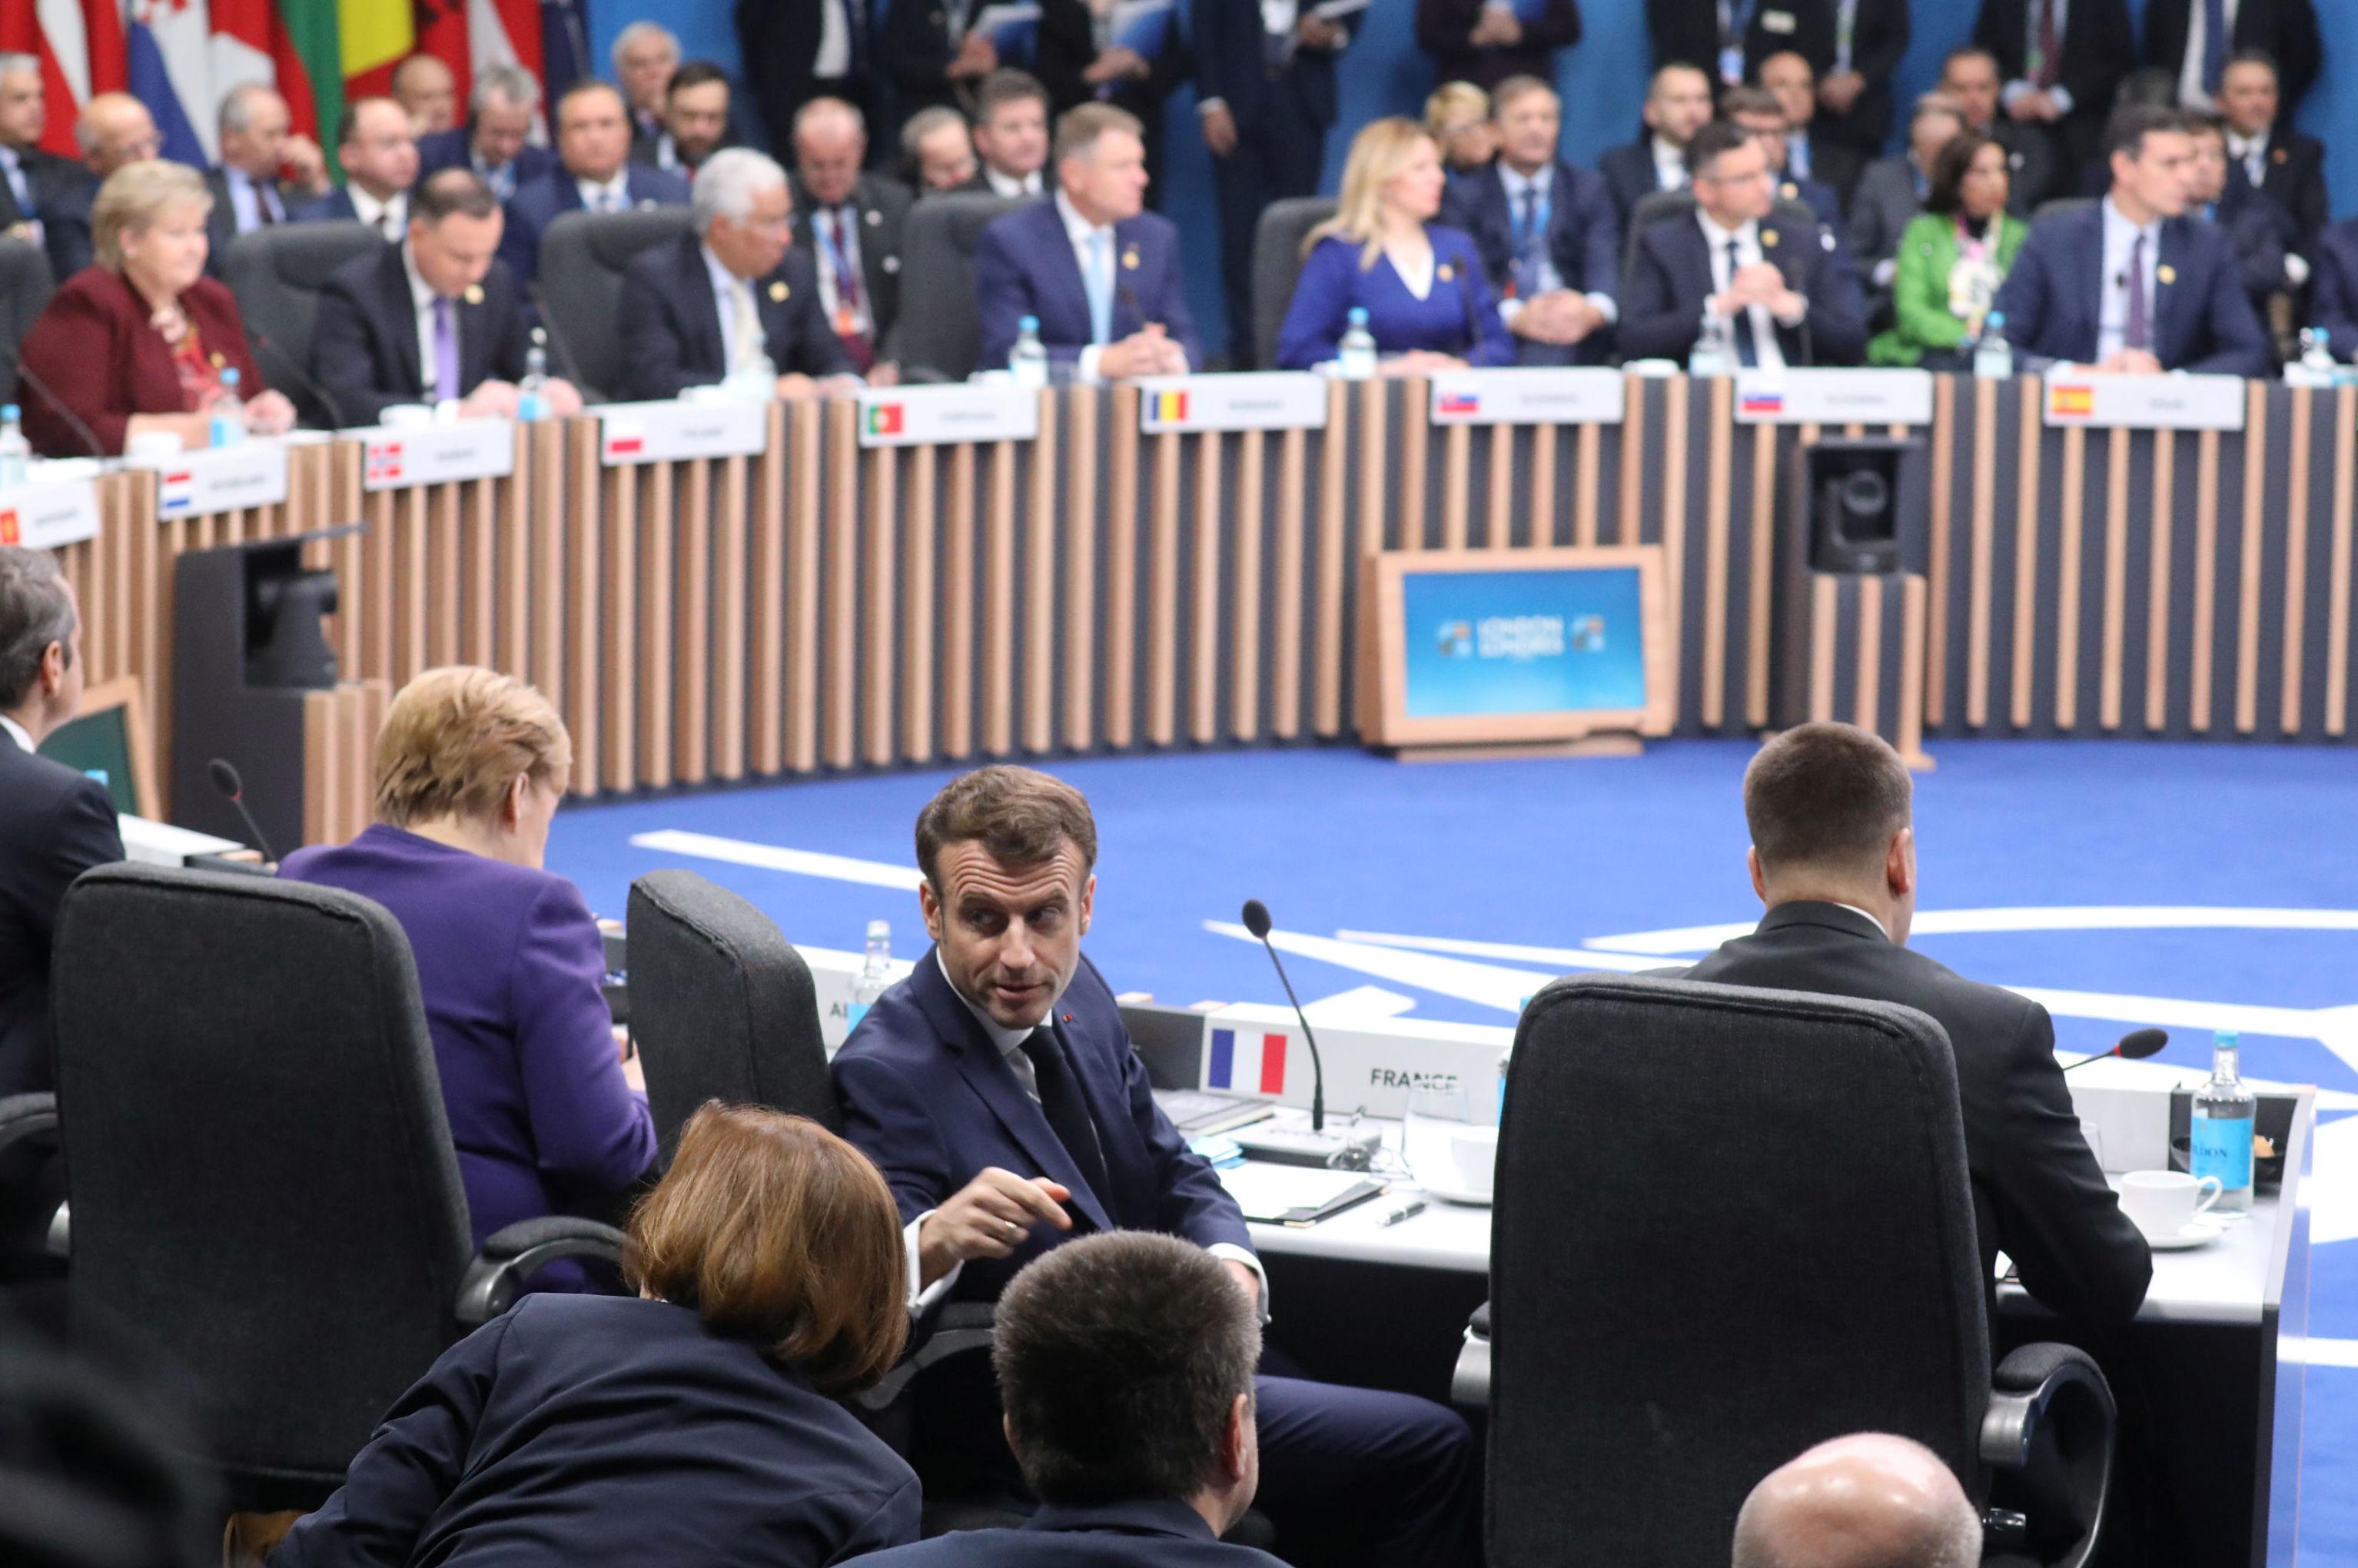 El presidente de Francia Emmanuel Macron durante la Cumbre de la OTAN en Watford, Reino Unido